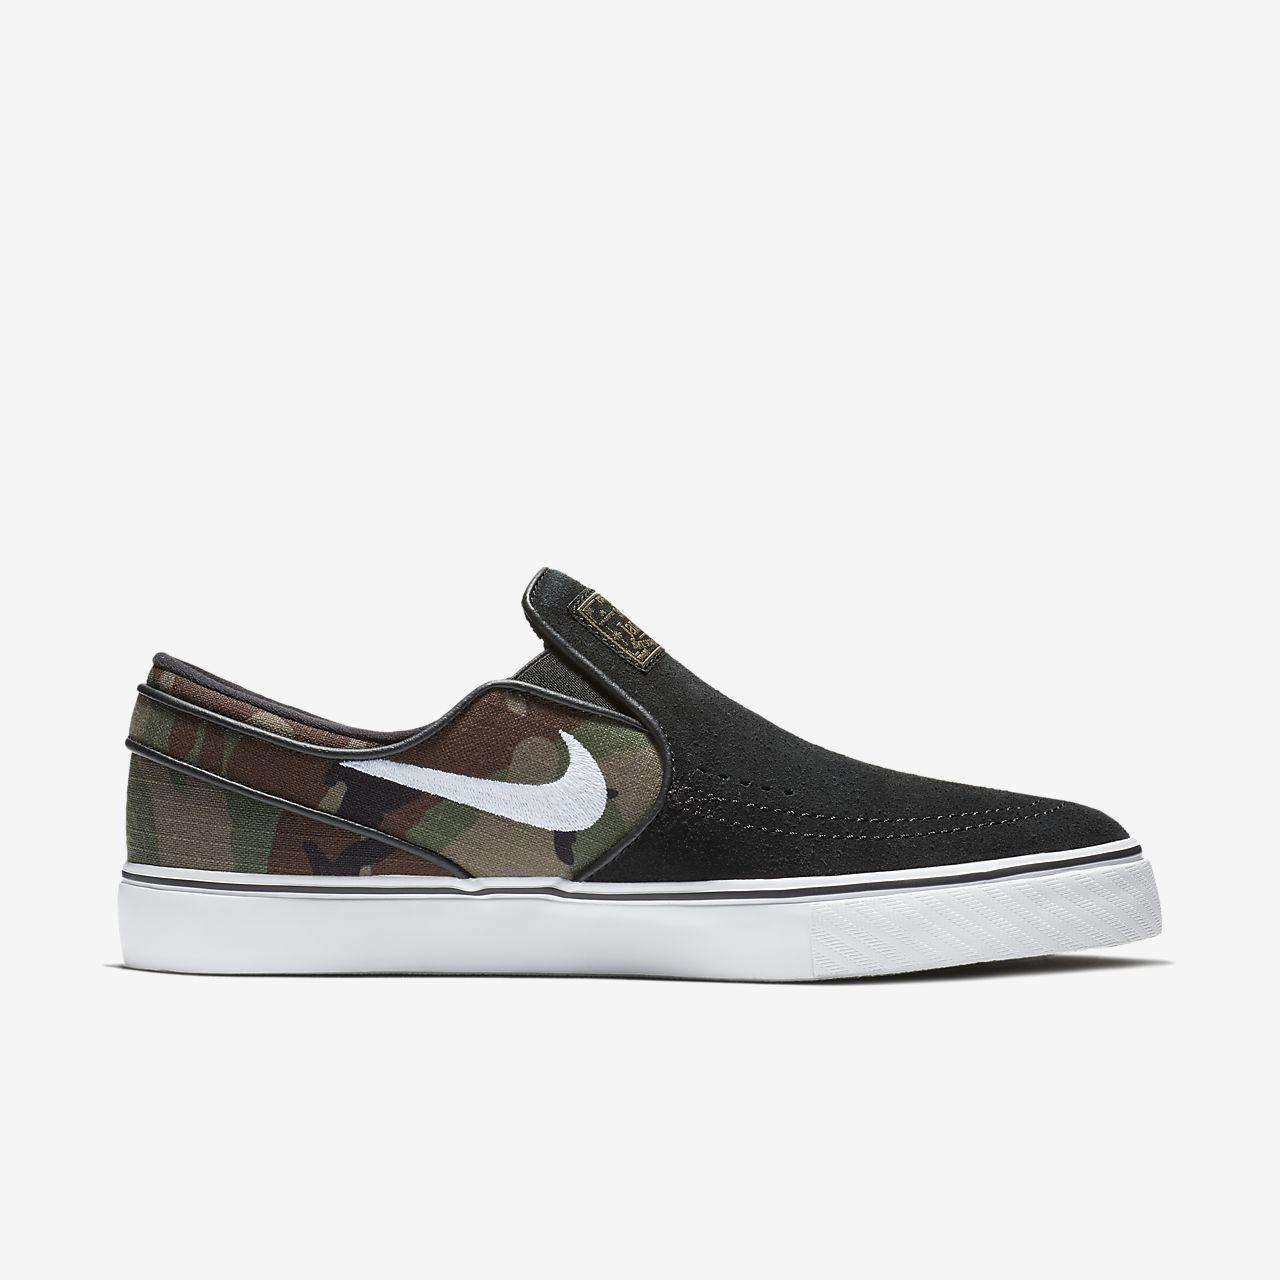 ... Chaussure de skateboard Nike SB Zoom Stefan Janoski Slip-On pour Homme